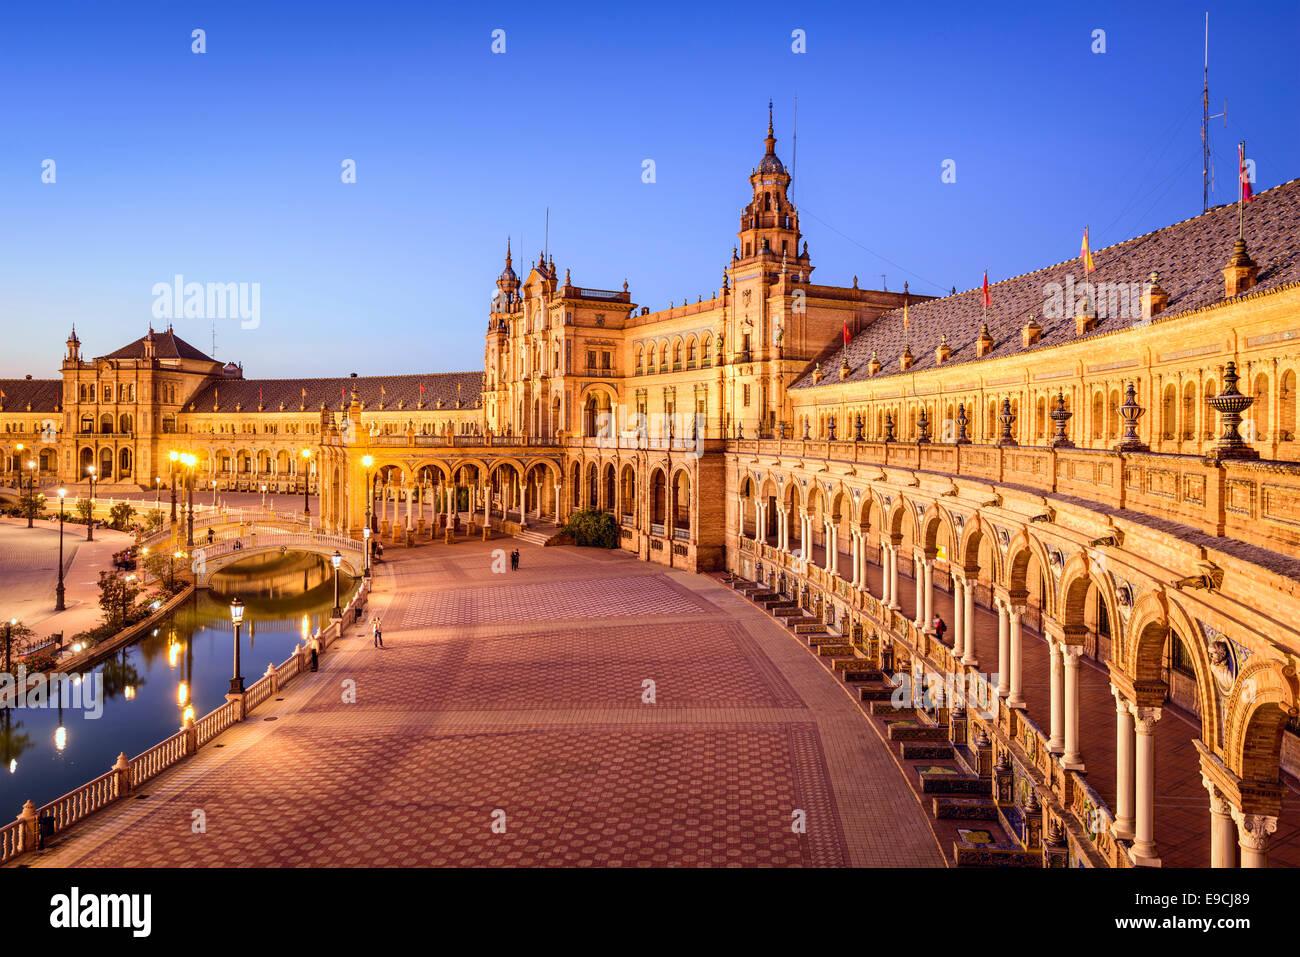 Sevilla, Spanien am spanischen Platz (Plaza de Espana). Stockbild